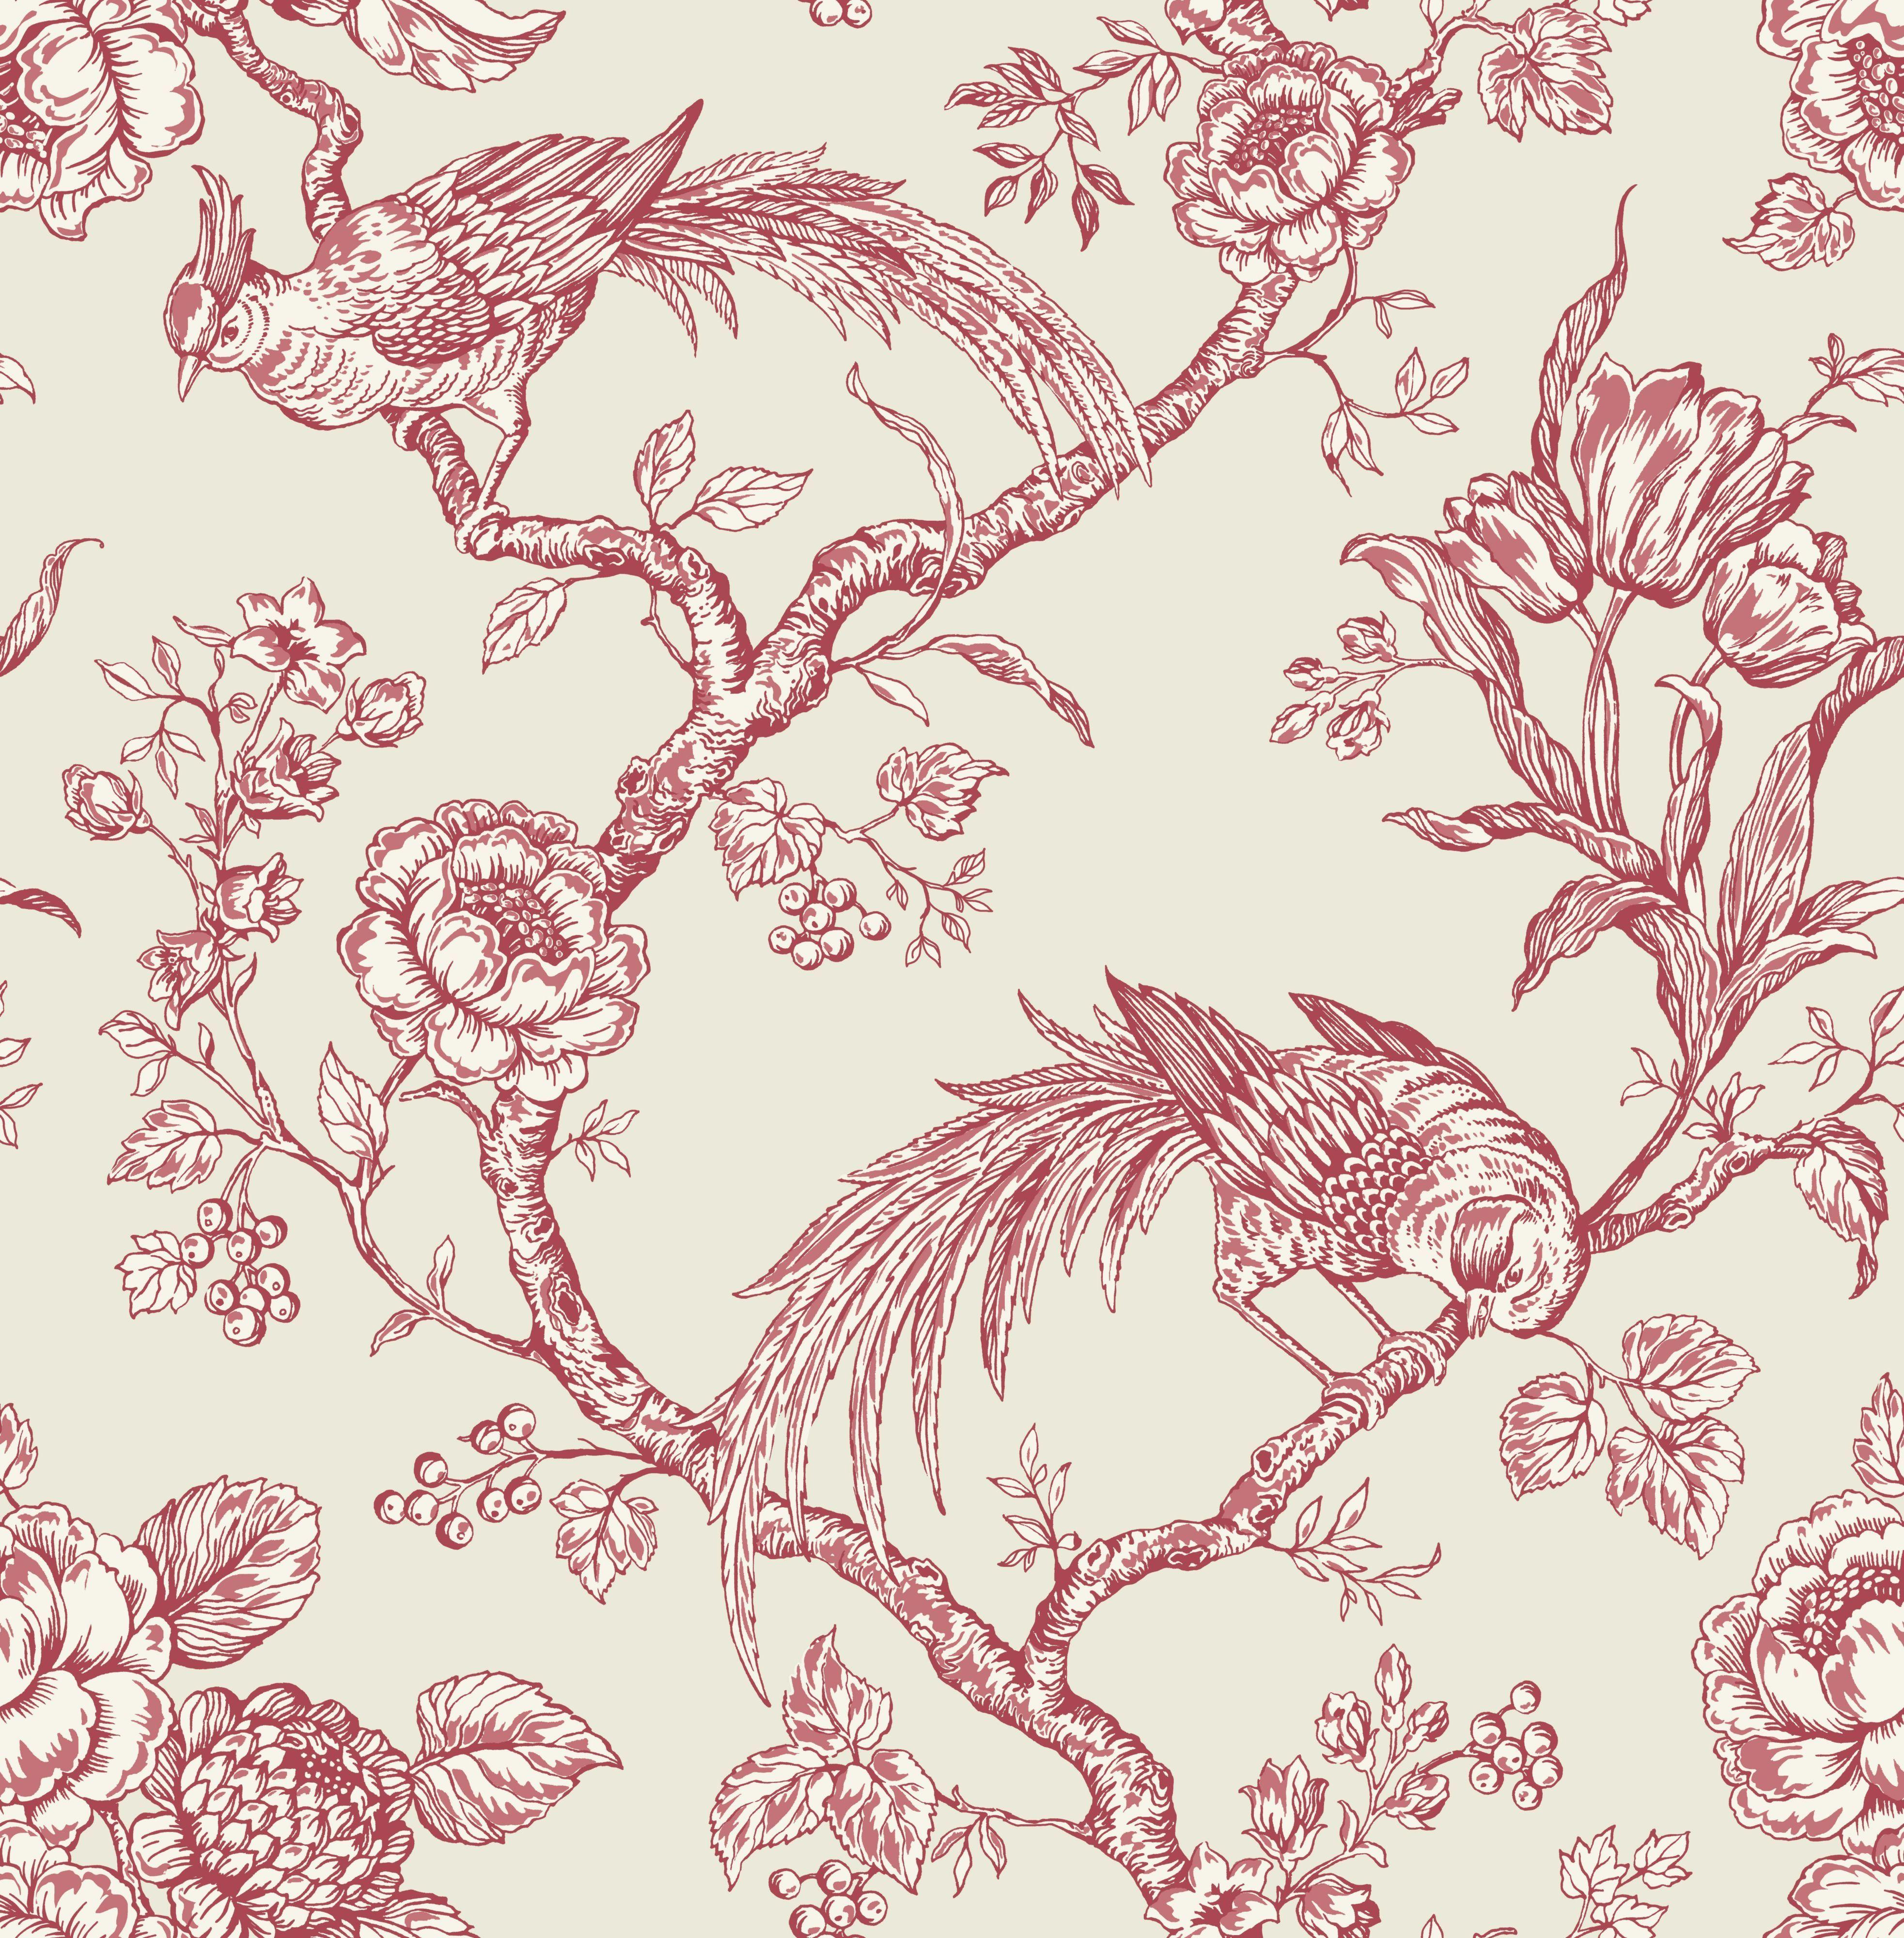 Bird Toile Cream   Red Wallpaper   Departments   DIY at B Q. Bird Toile Cream   Red Wallpaper   Departments   DIY at B Q